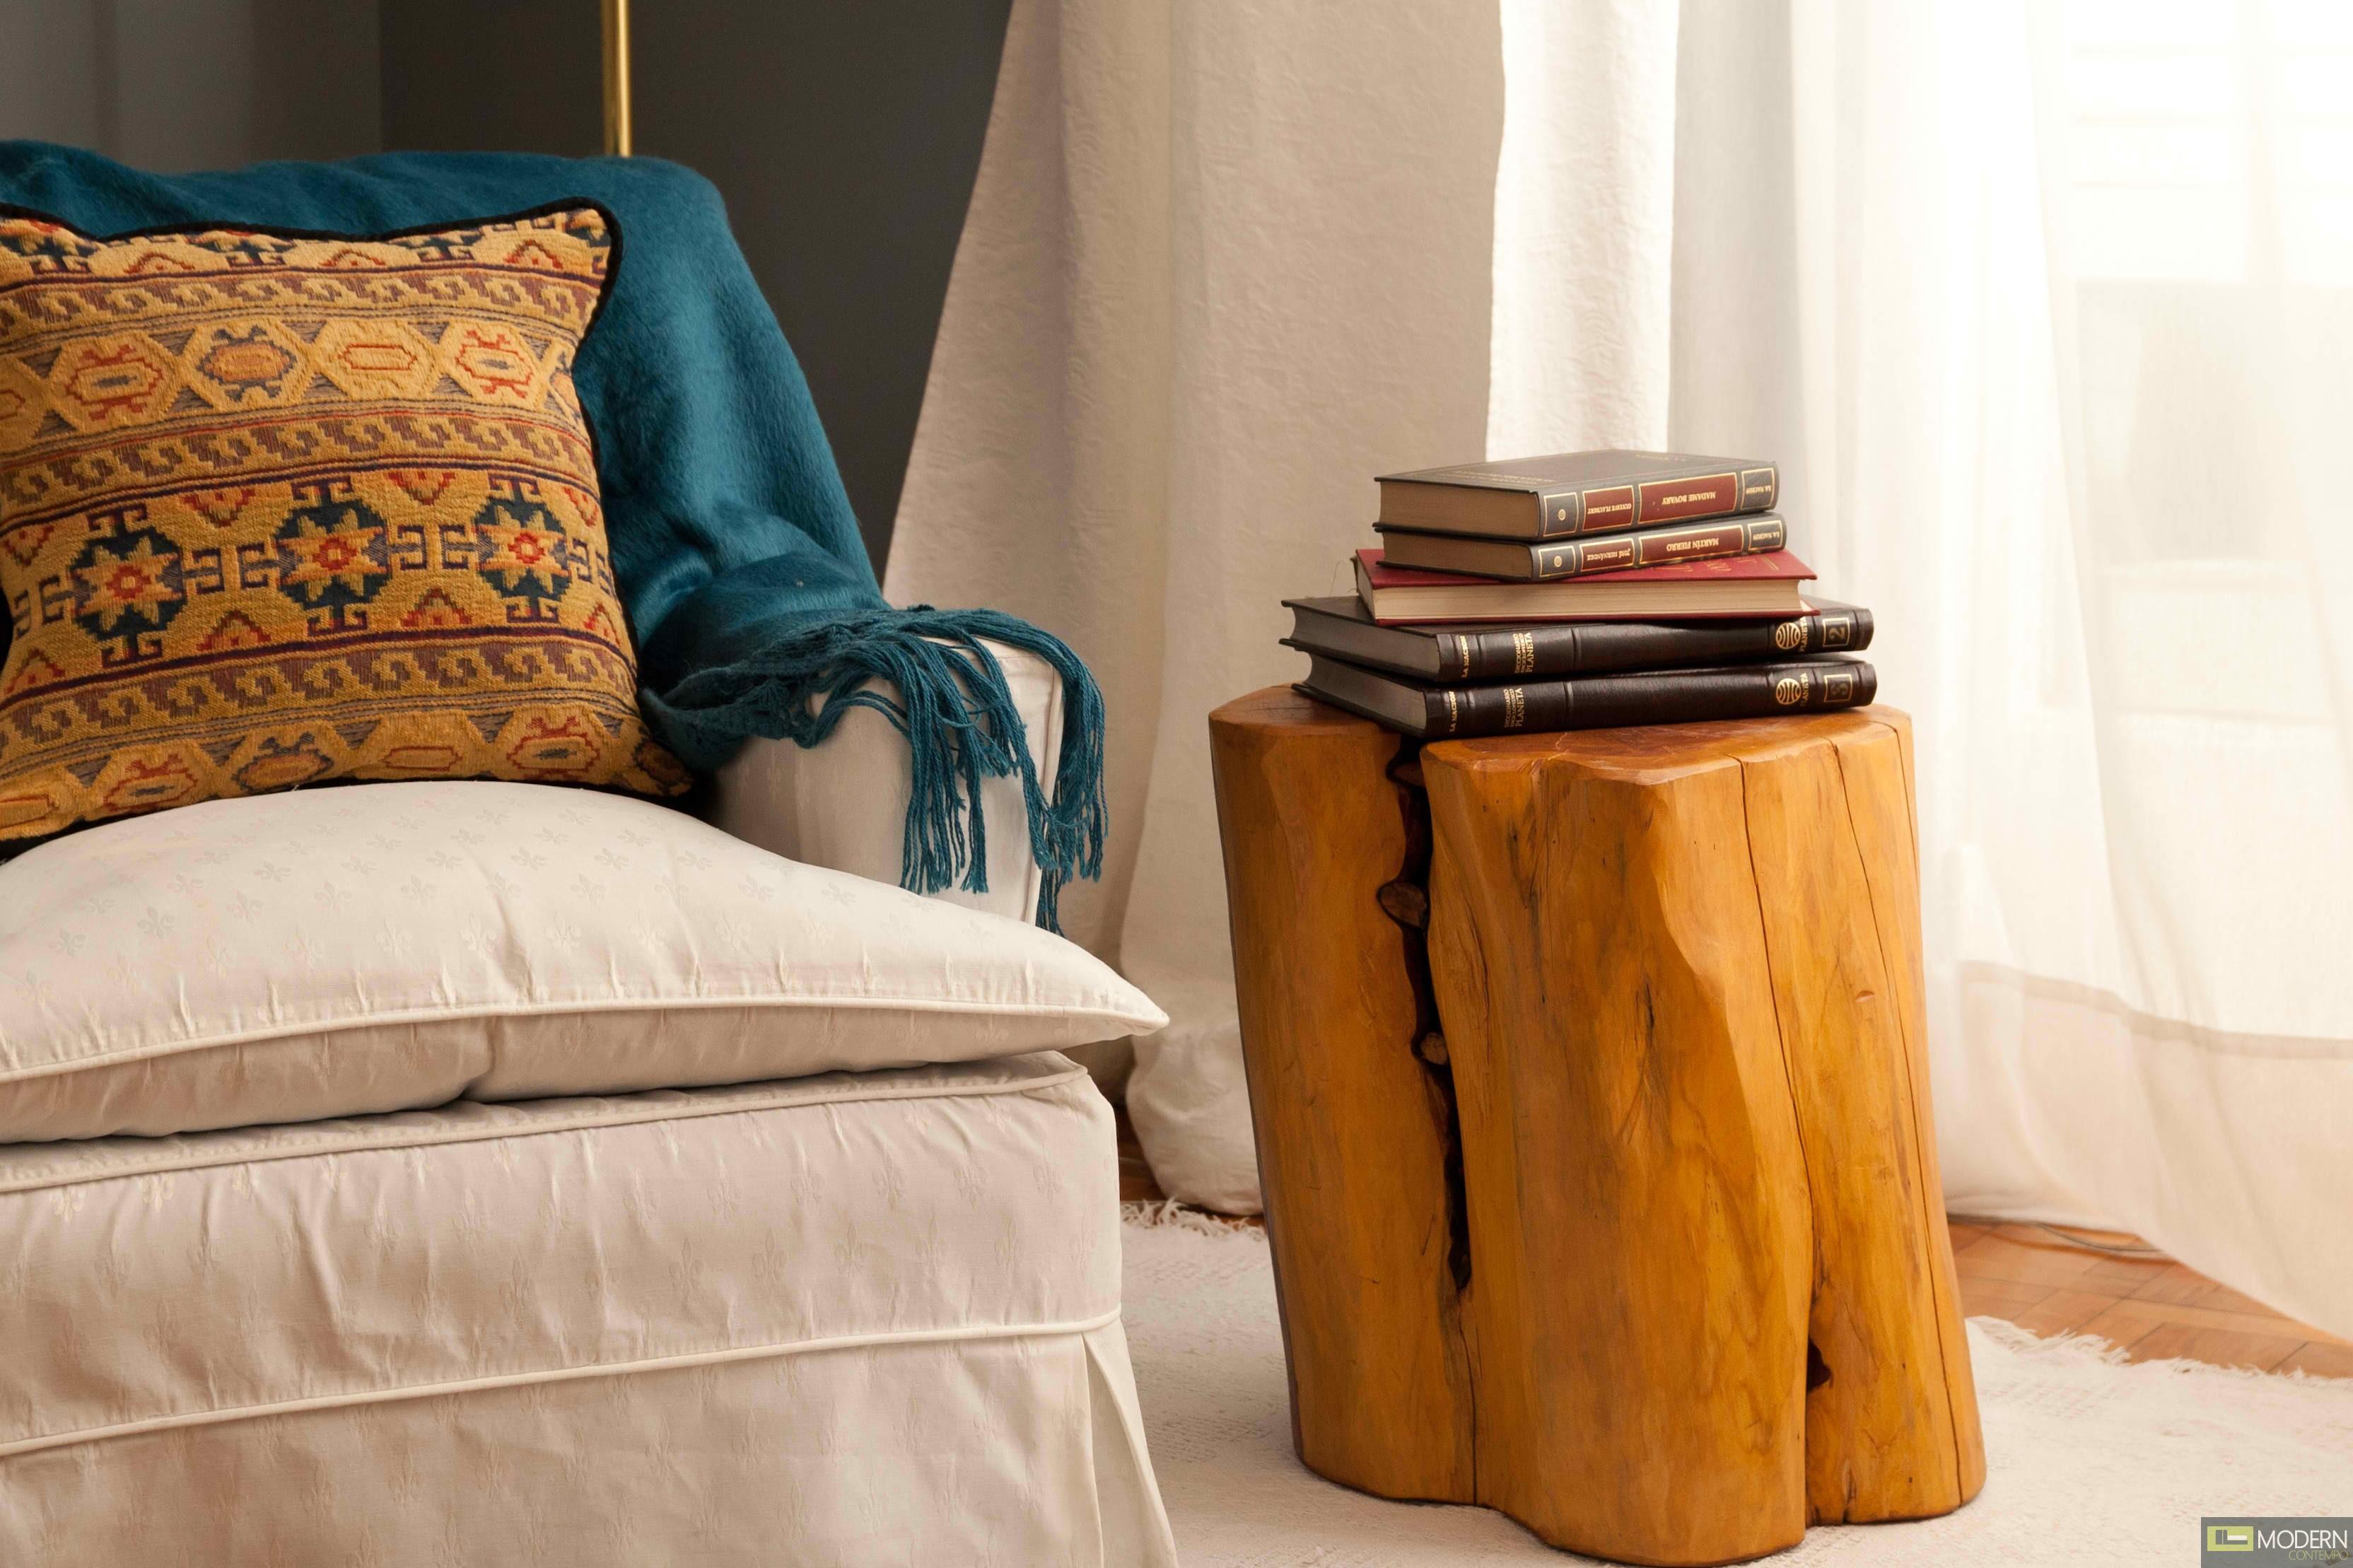 Tree stump side table -  Patagonia Rustic Tree Stump Side Tables